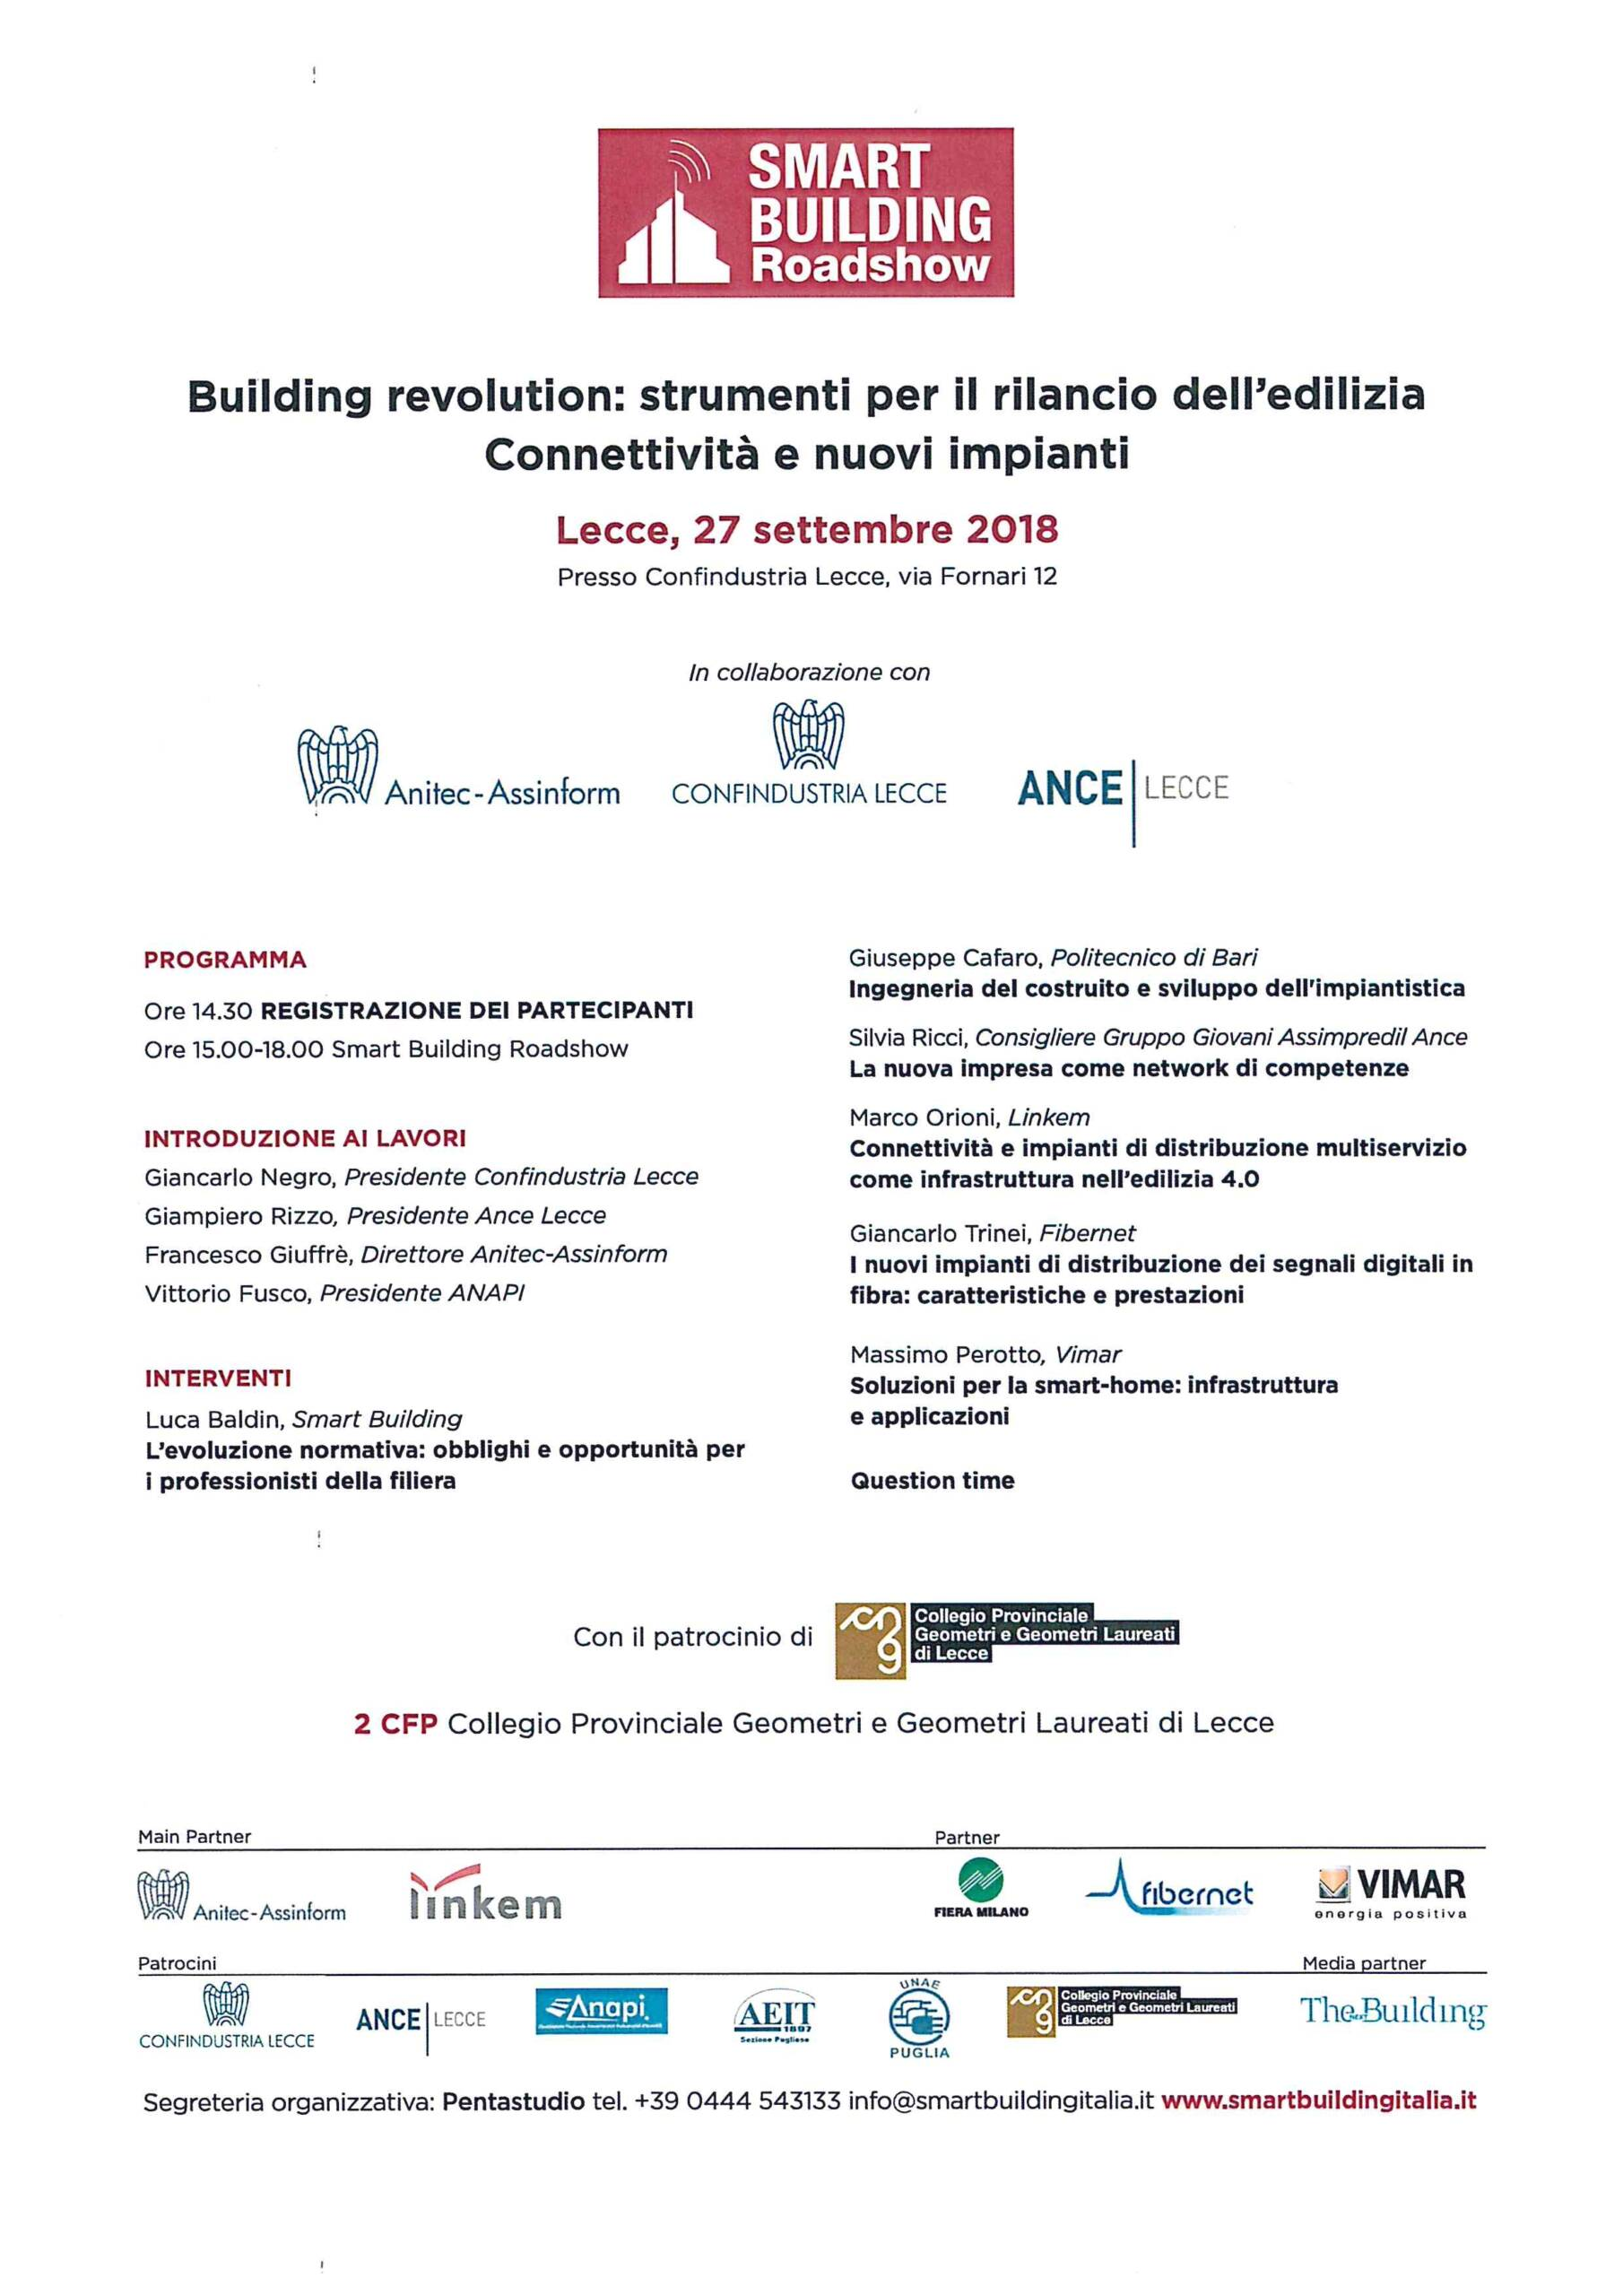 Evento SMART BUILDING Roadshow – Lecce 27/09/2018